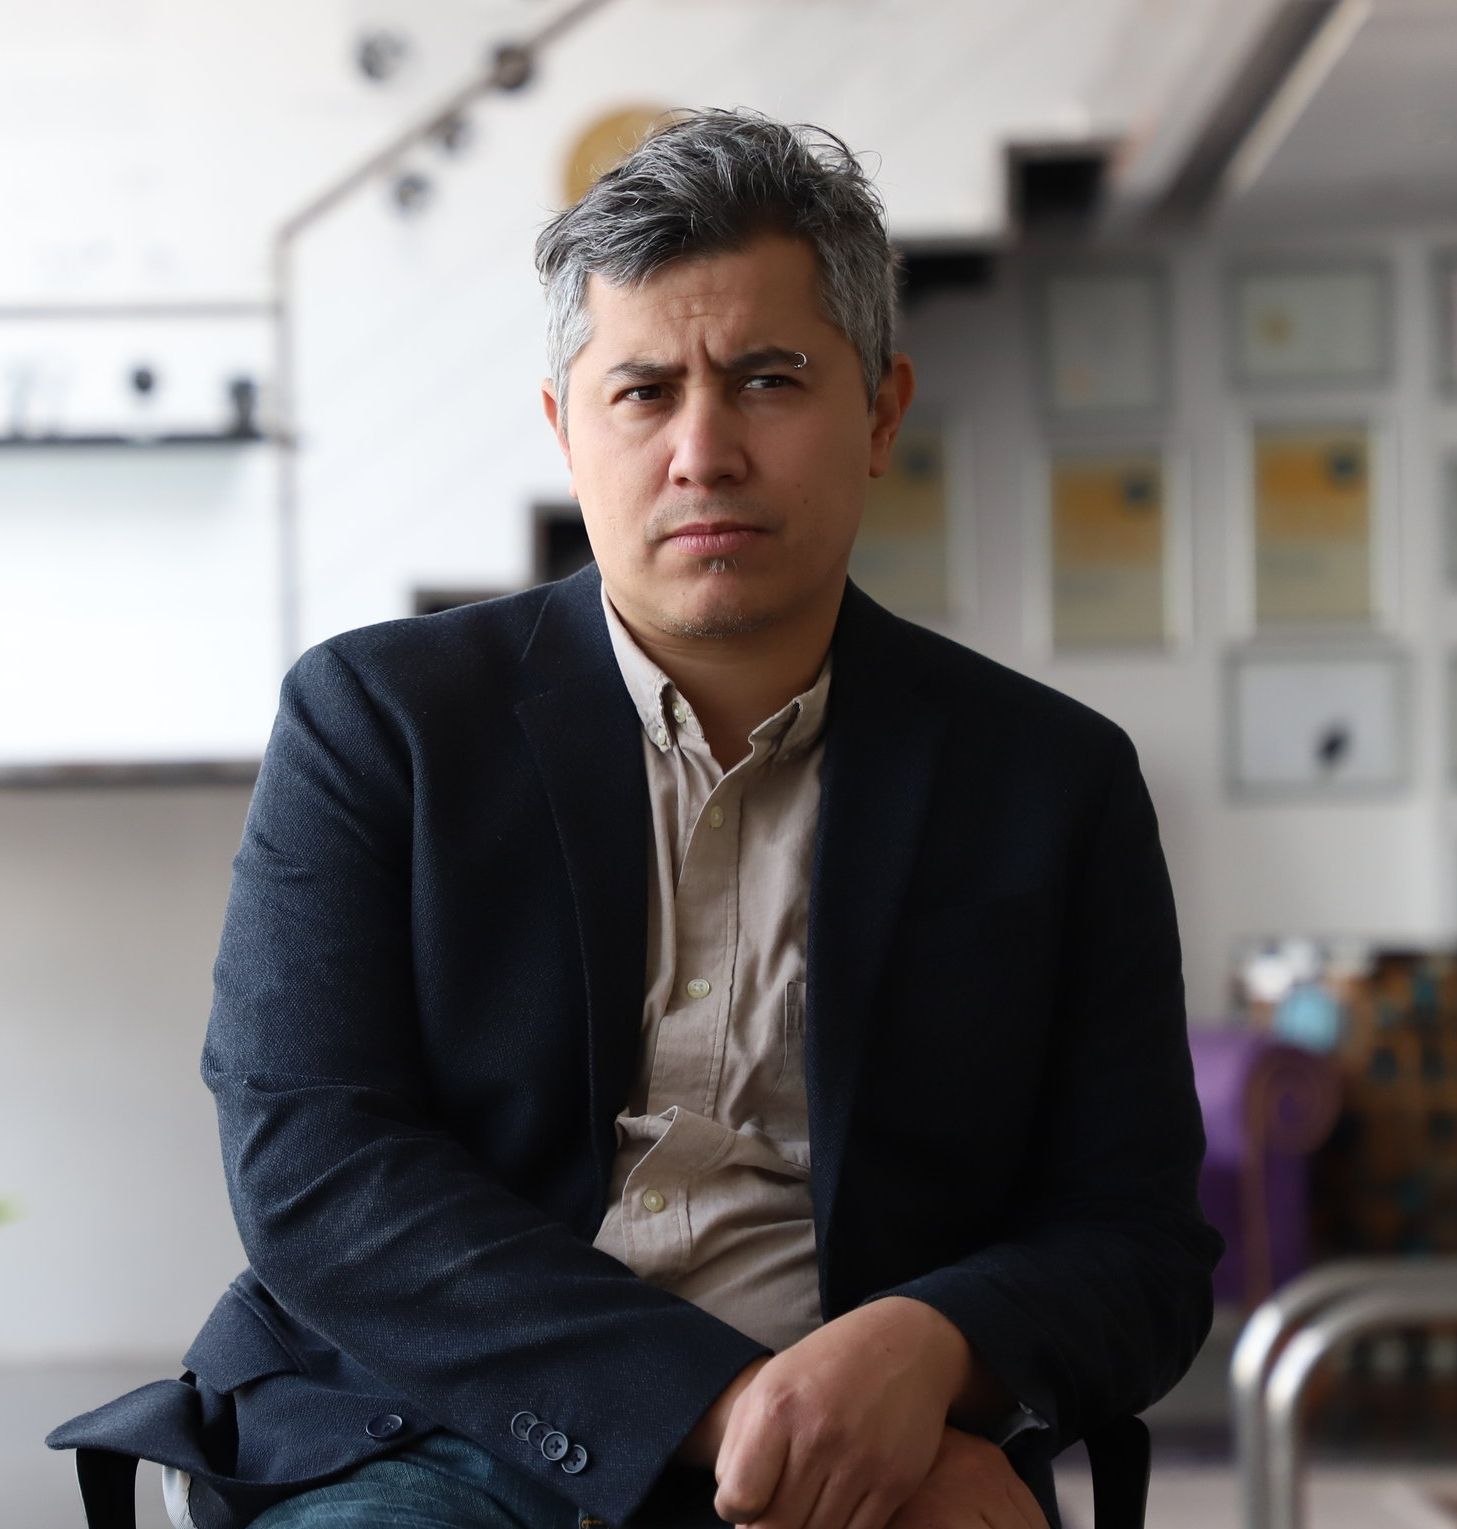 Mentor: Francisco Romahn   Maestro fundador de Digital Invaders  Diseñador en Grupo W  Ha trabajado para marcas como: Nike, Coca-cola, Jeep, VW, Jack Daniels, Stella Artois, Hyundai, Electronic Arts, Rexona, Fiat, entre otras.